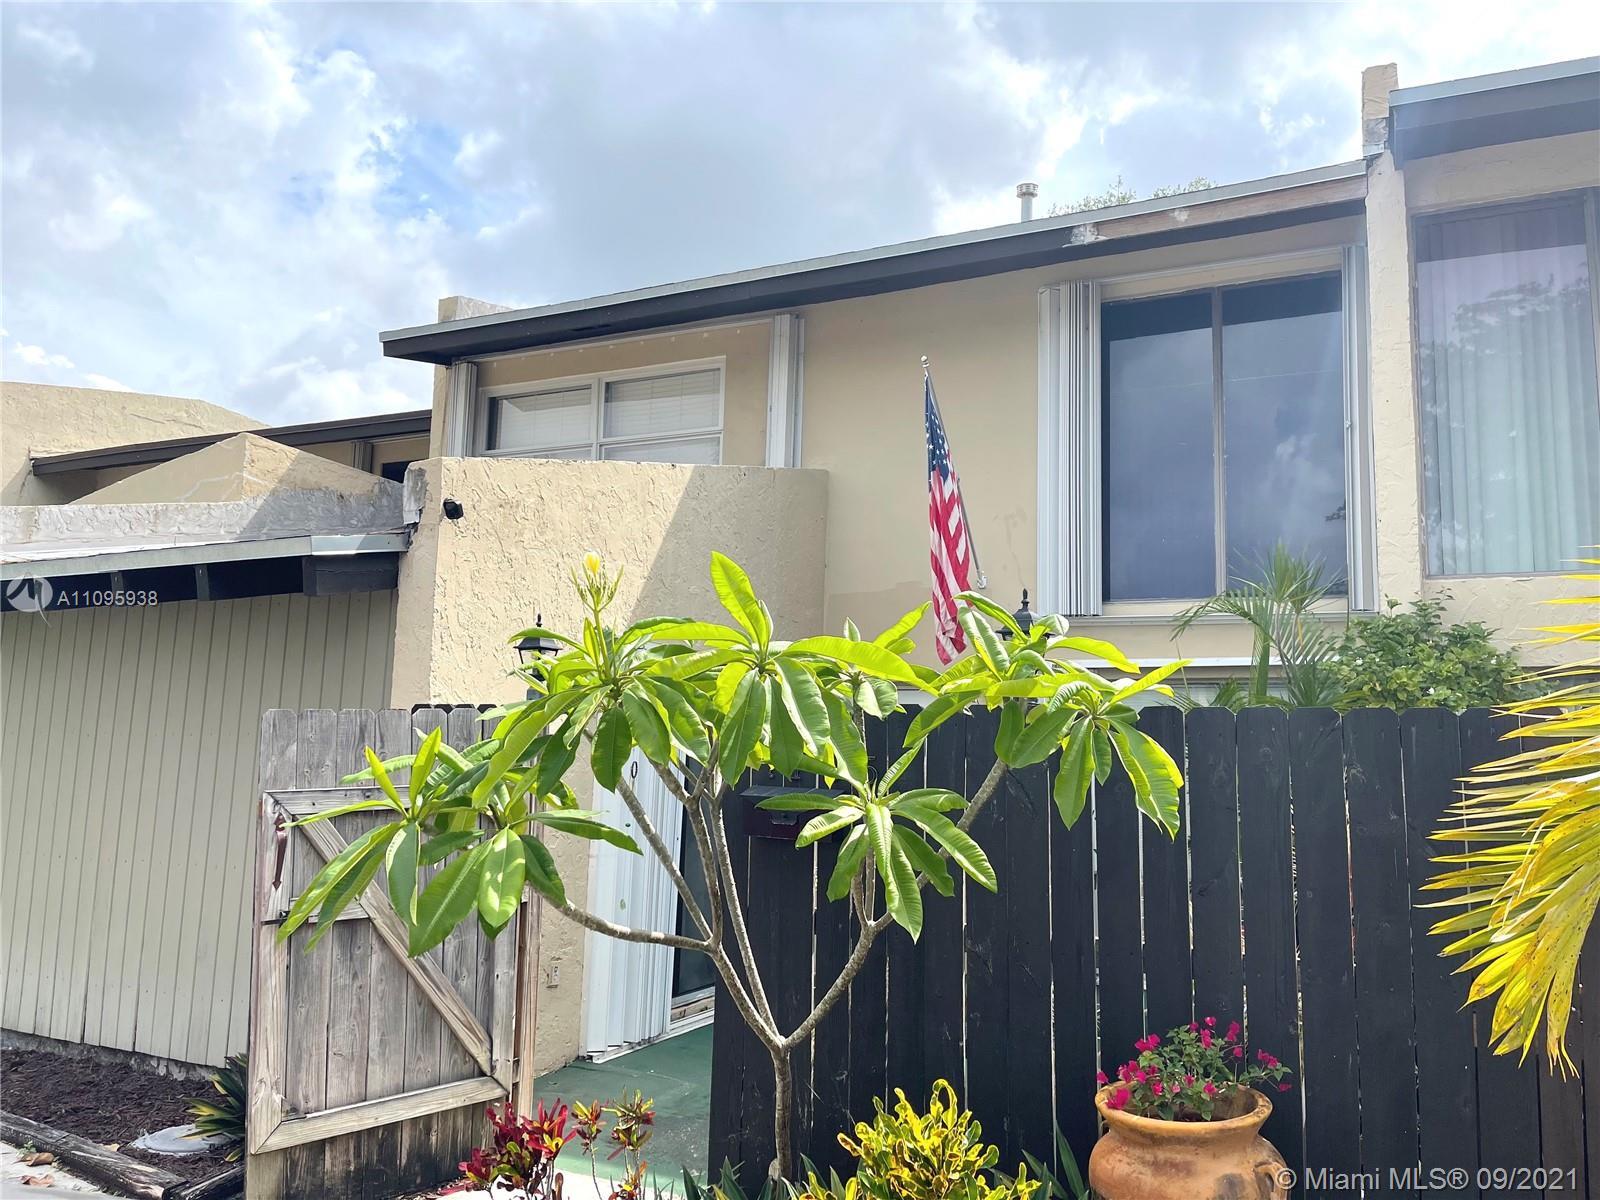 Snapper Creek - 7105 SW 113th Ct, Miami, FL 33173